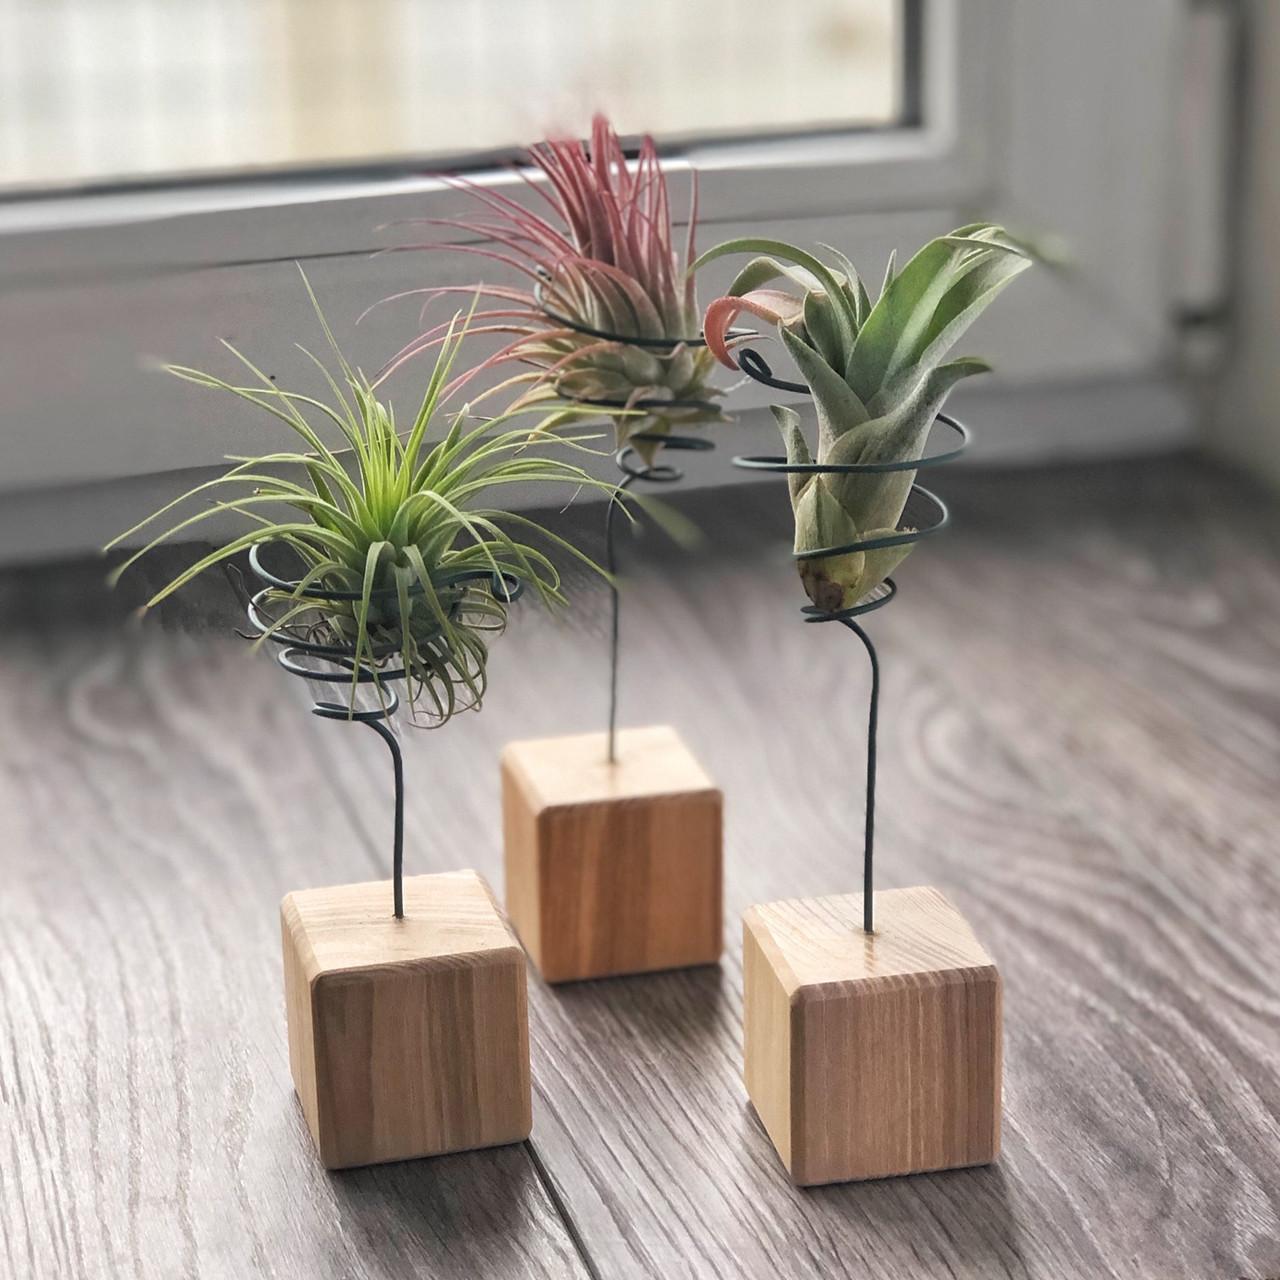 Подставки-кубики для Тилландсий - атмосферных растений